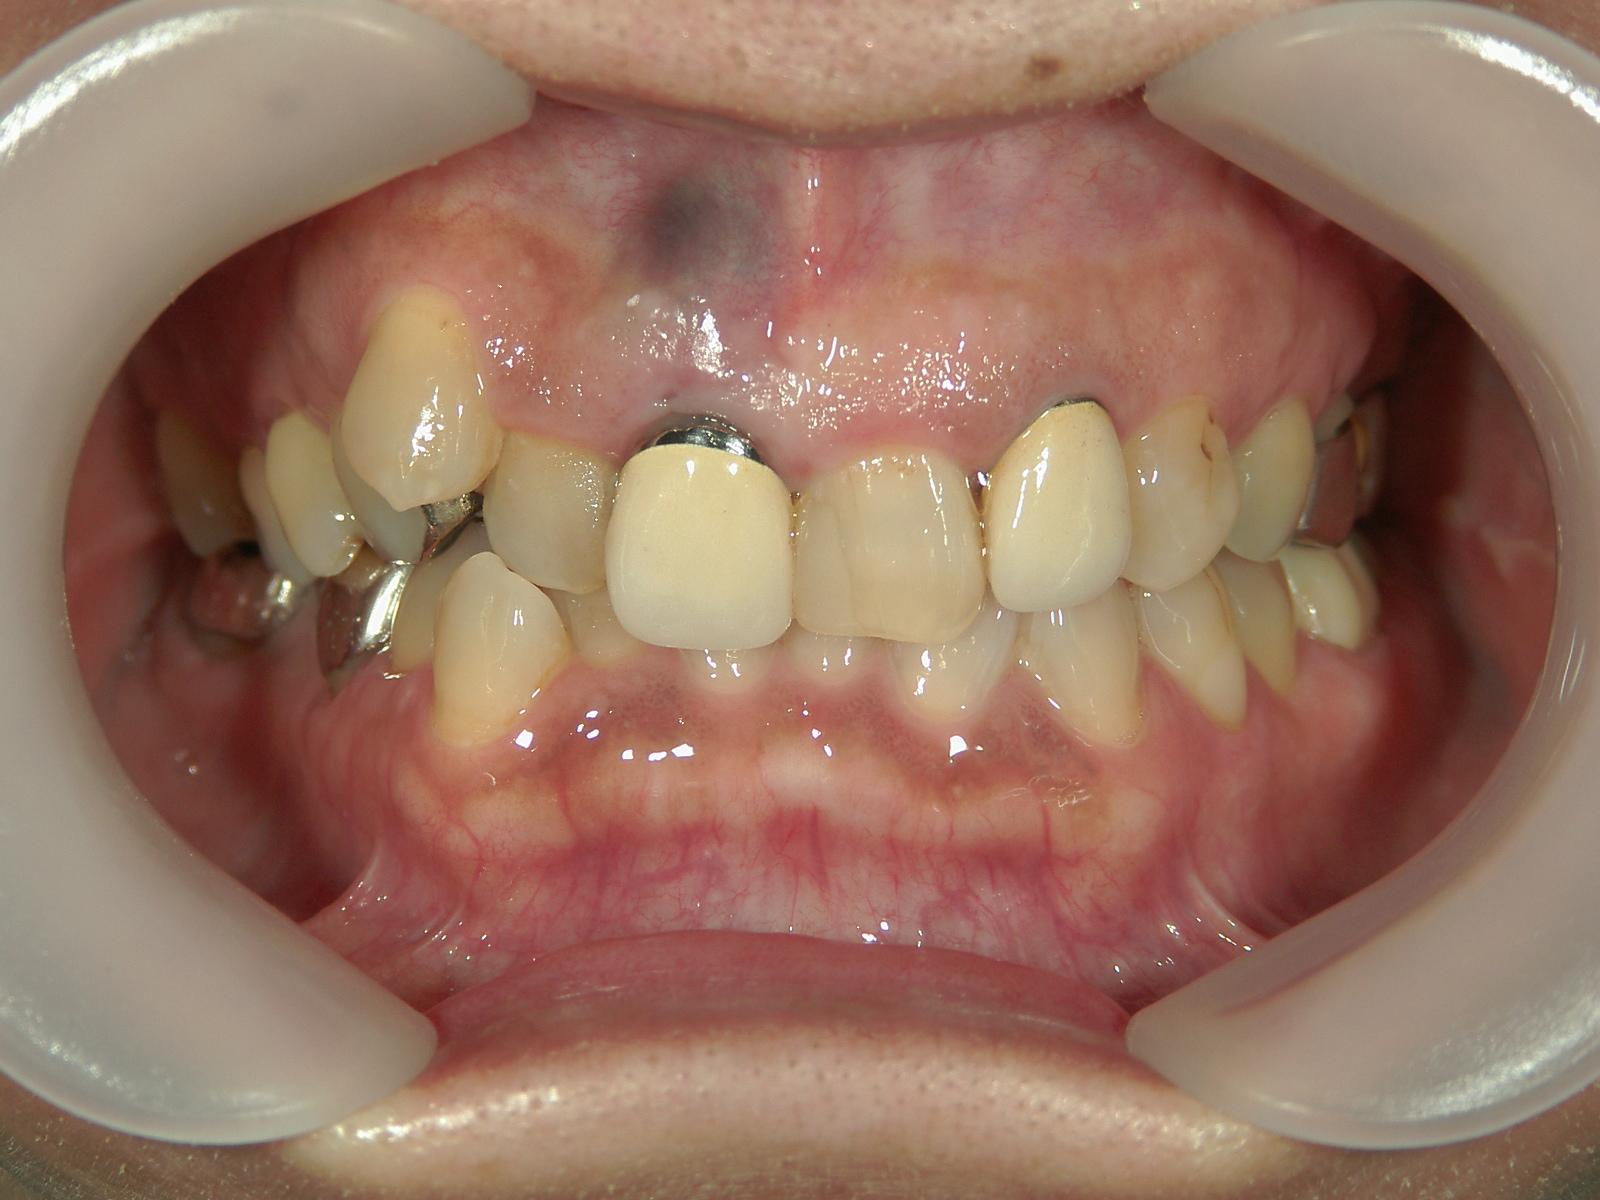 前歯部抜歯閉鎖症例(4)右上前歯部1本抜歯